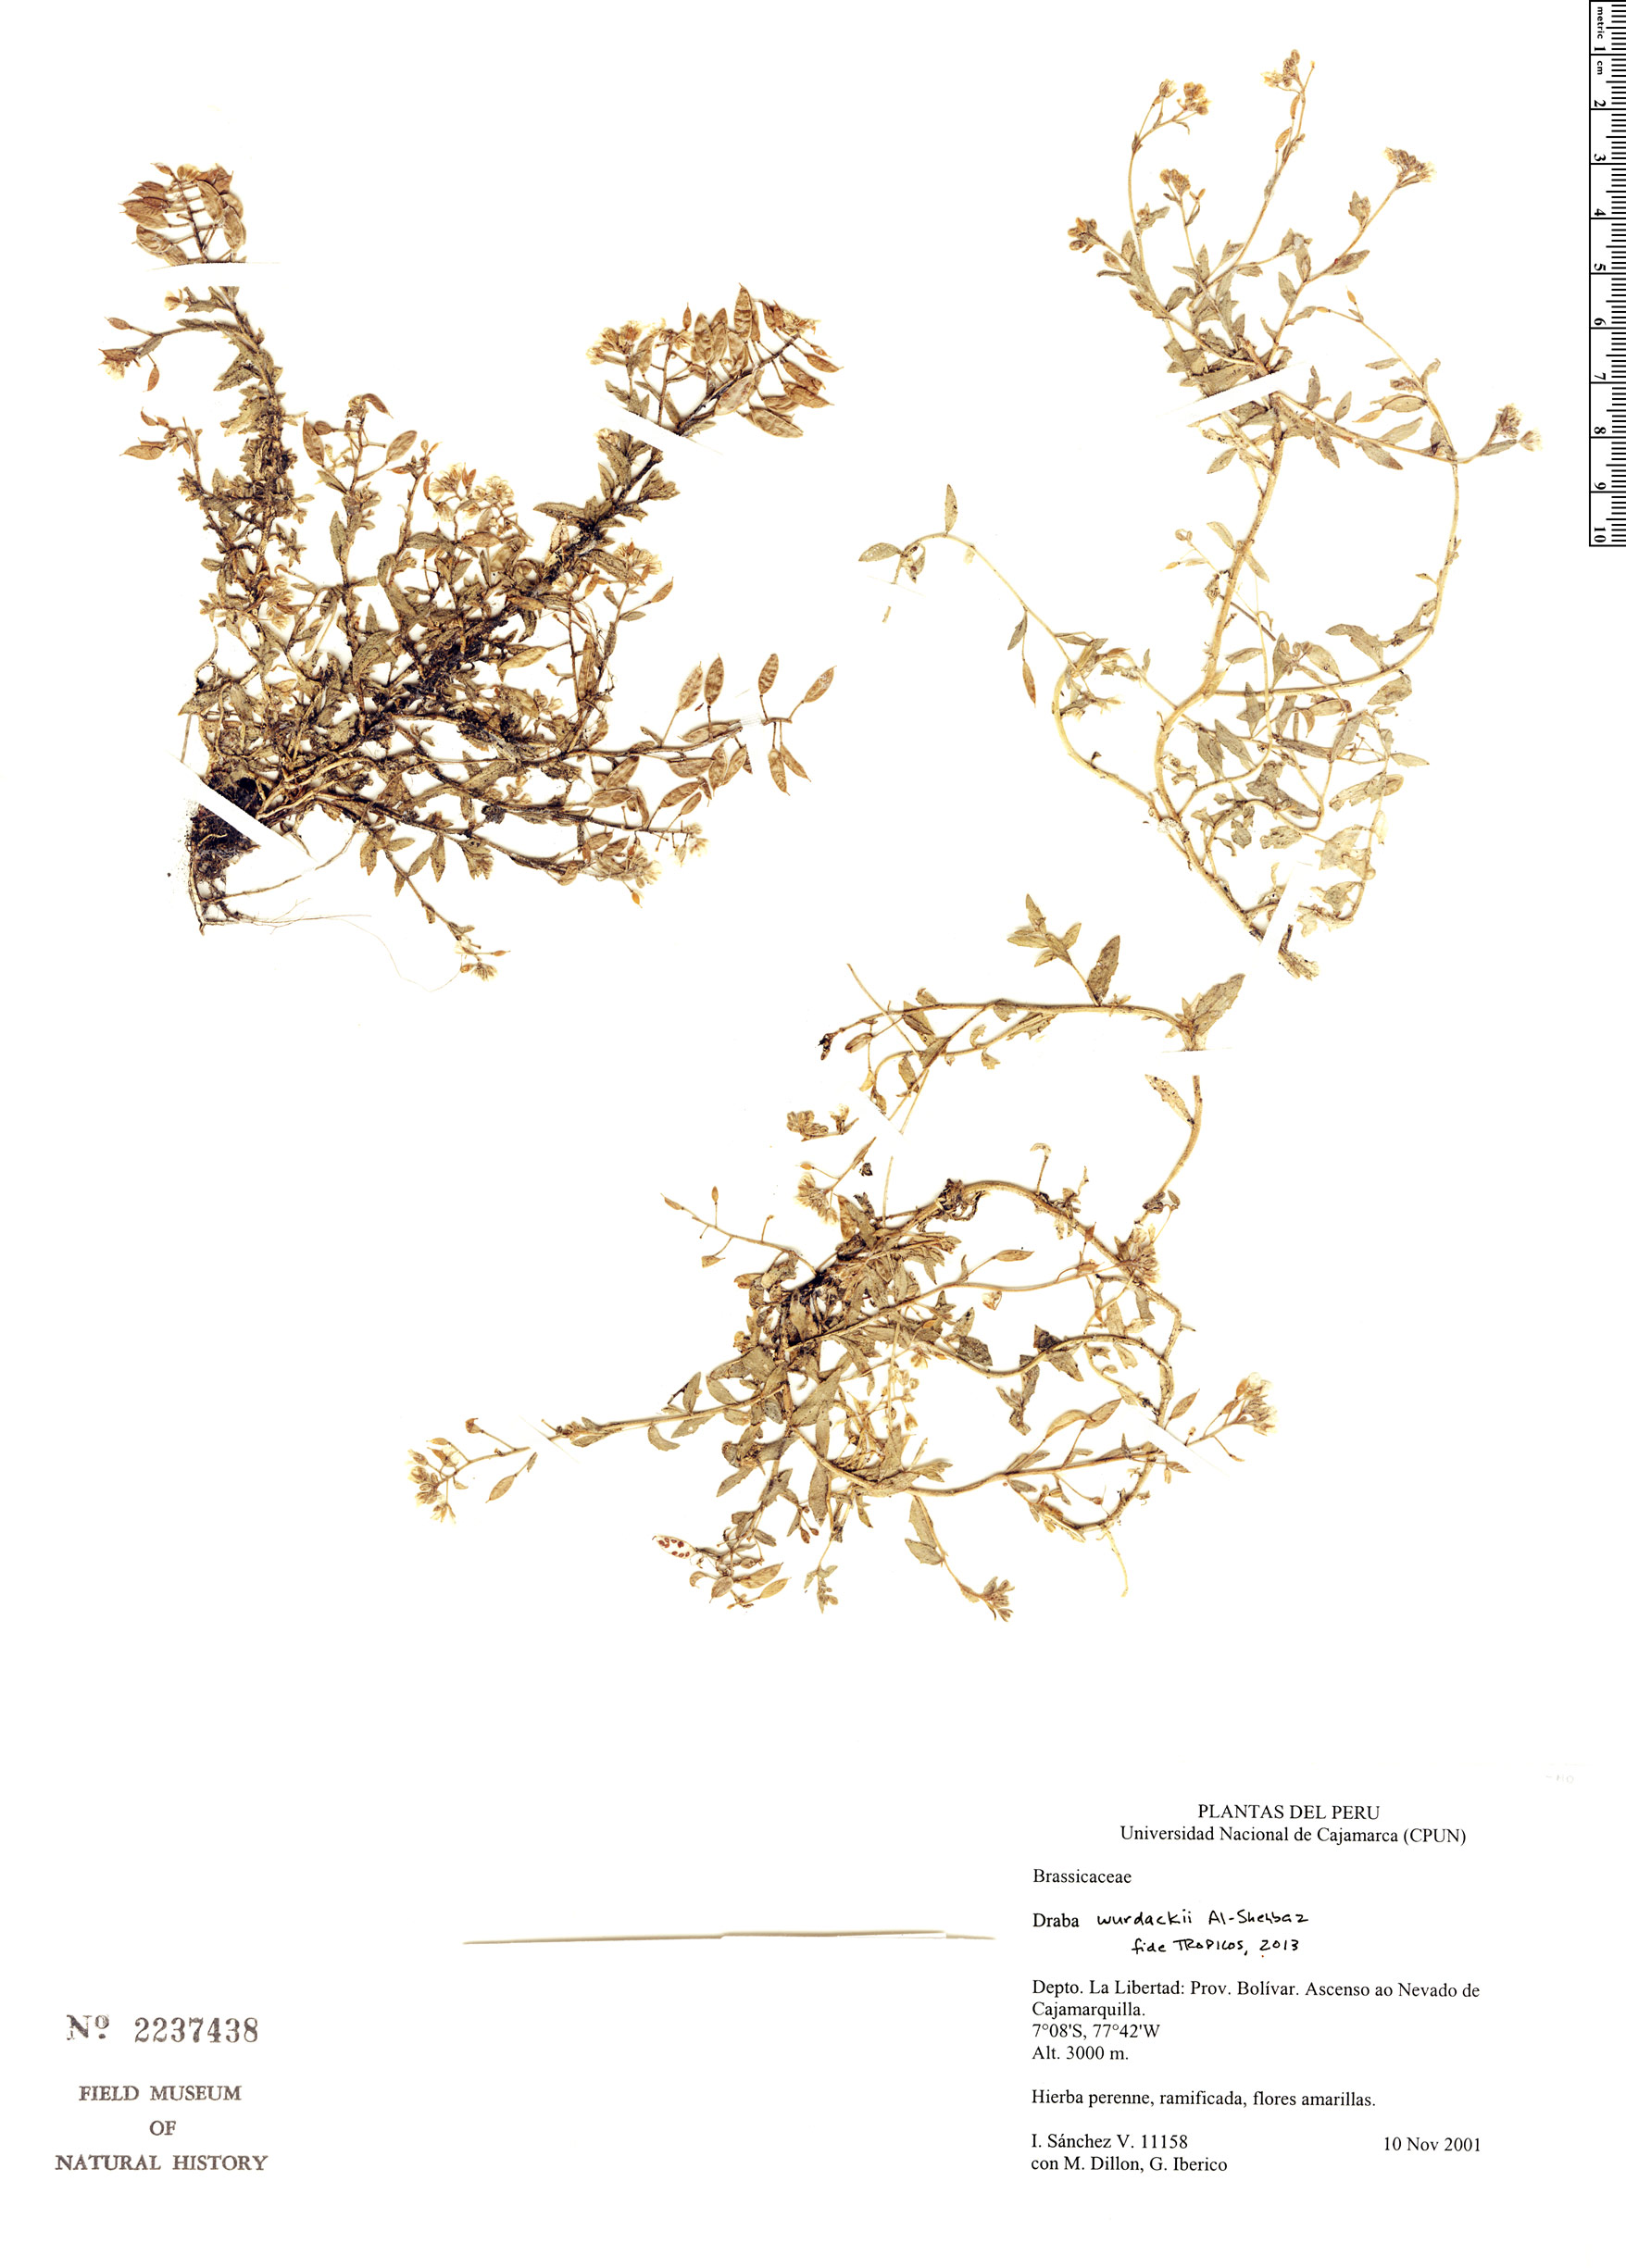 Espécimen: Draba wurdackii